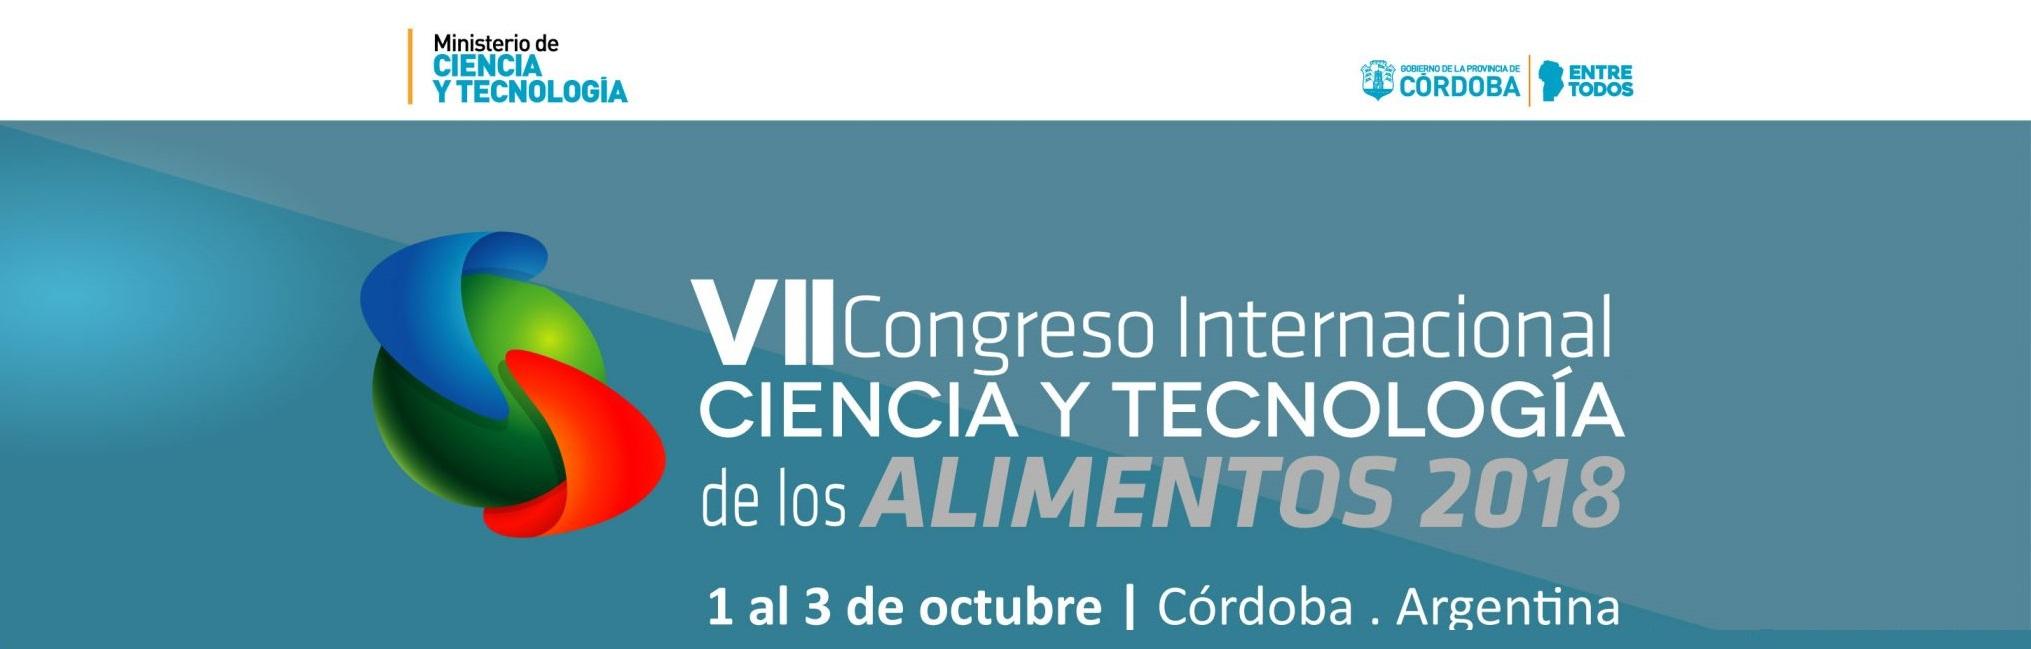 ICYTAC rumbo al VII Congreso Internacional de Alimentos en Córdoba